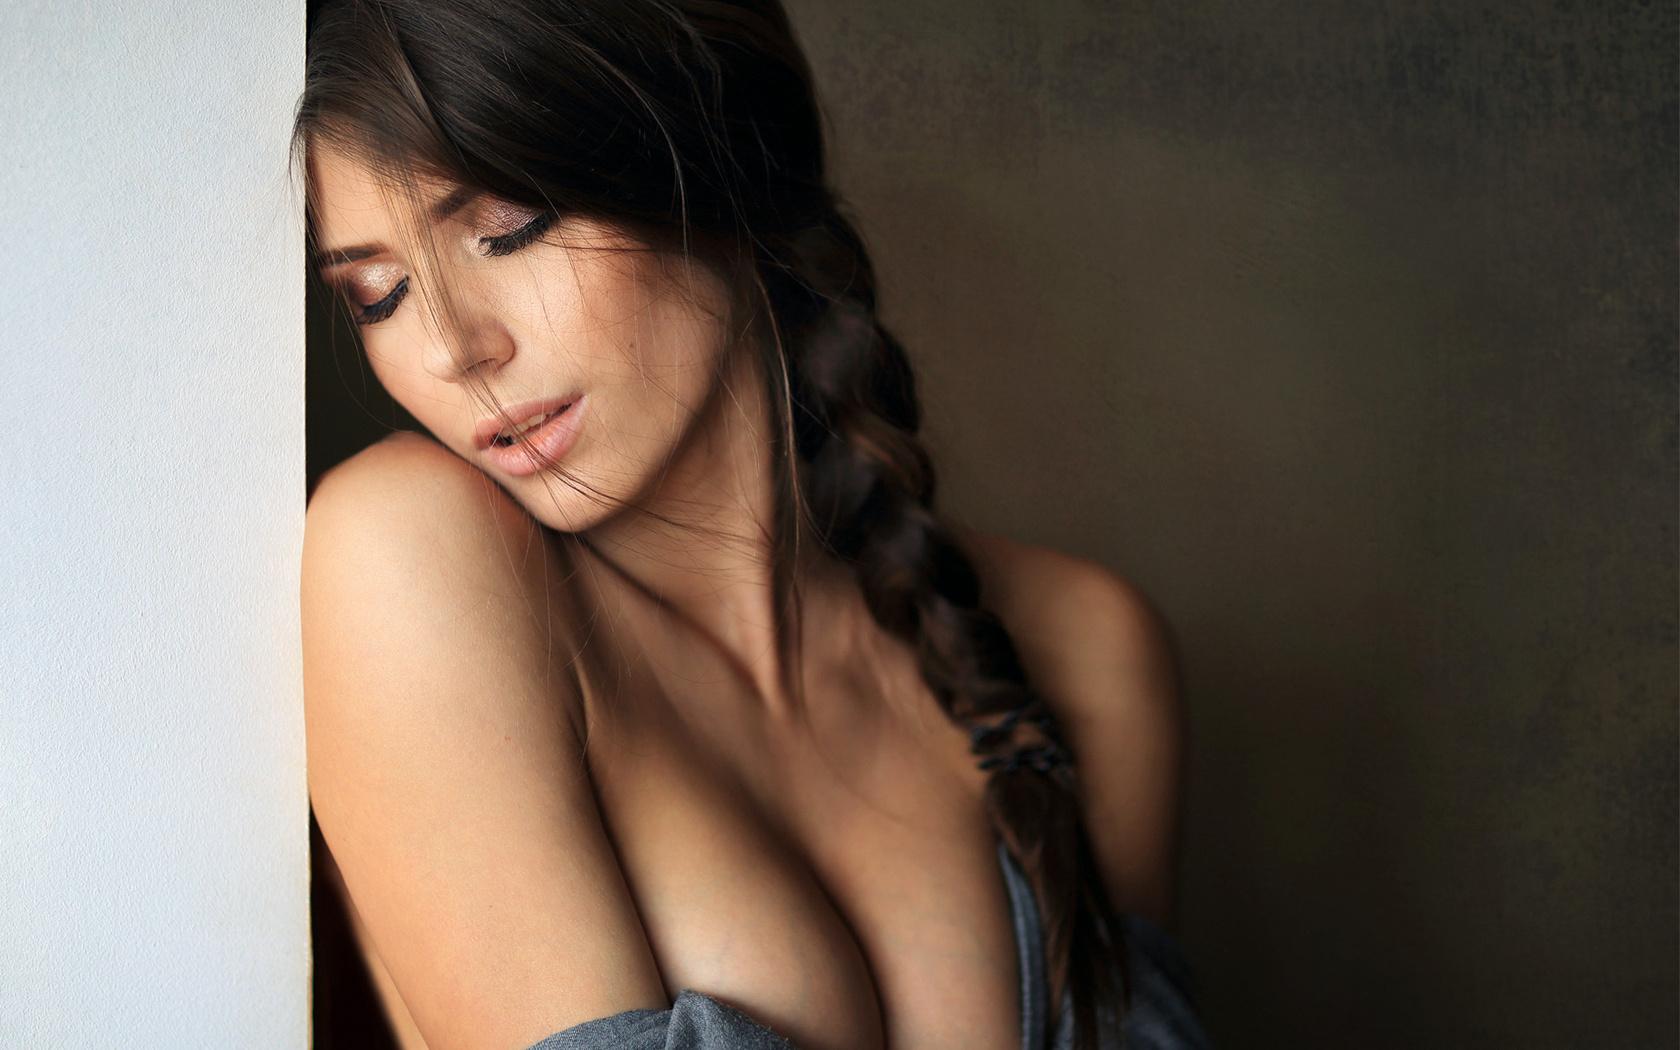 Худенькая и с косичками секс, косички 23 фотография